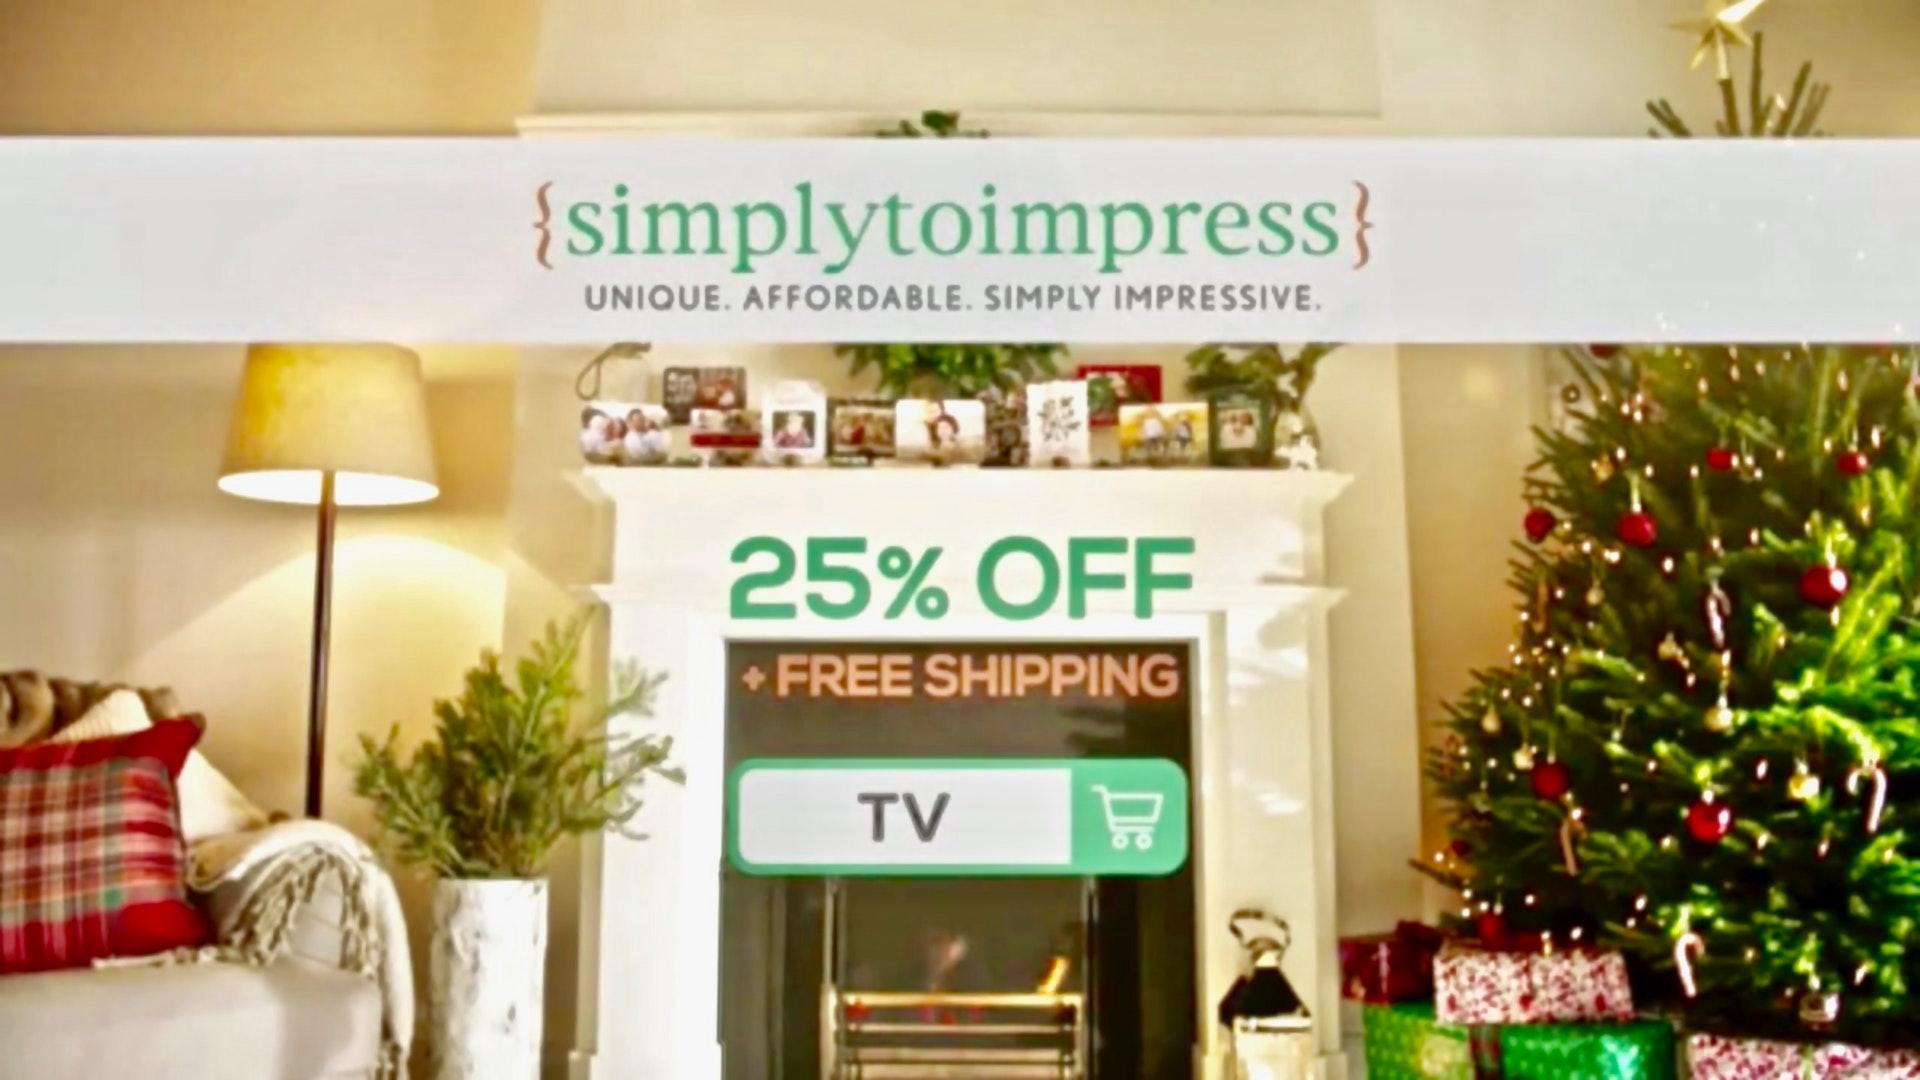 Simplytoimpress.com